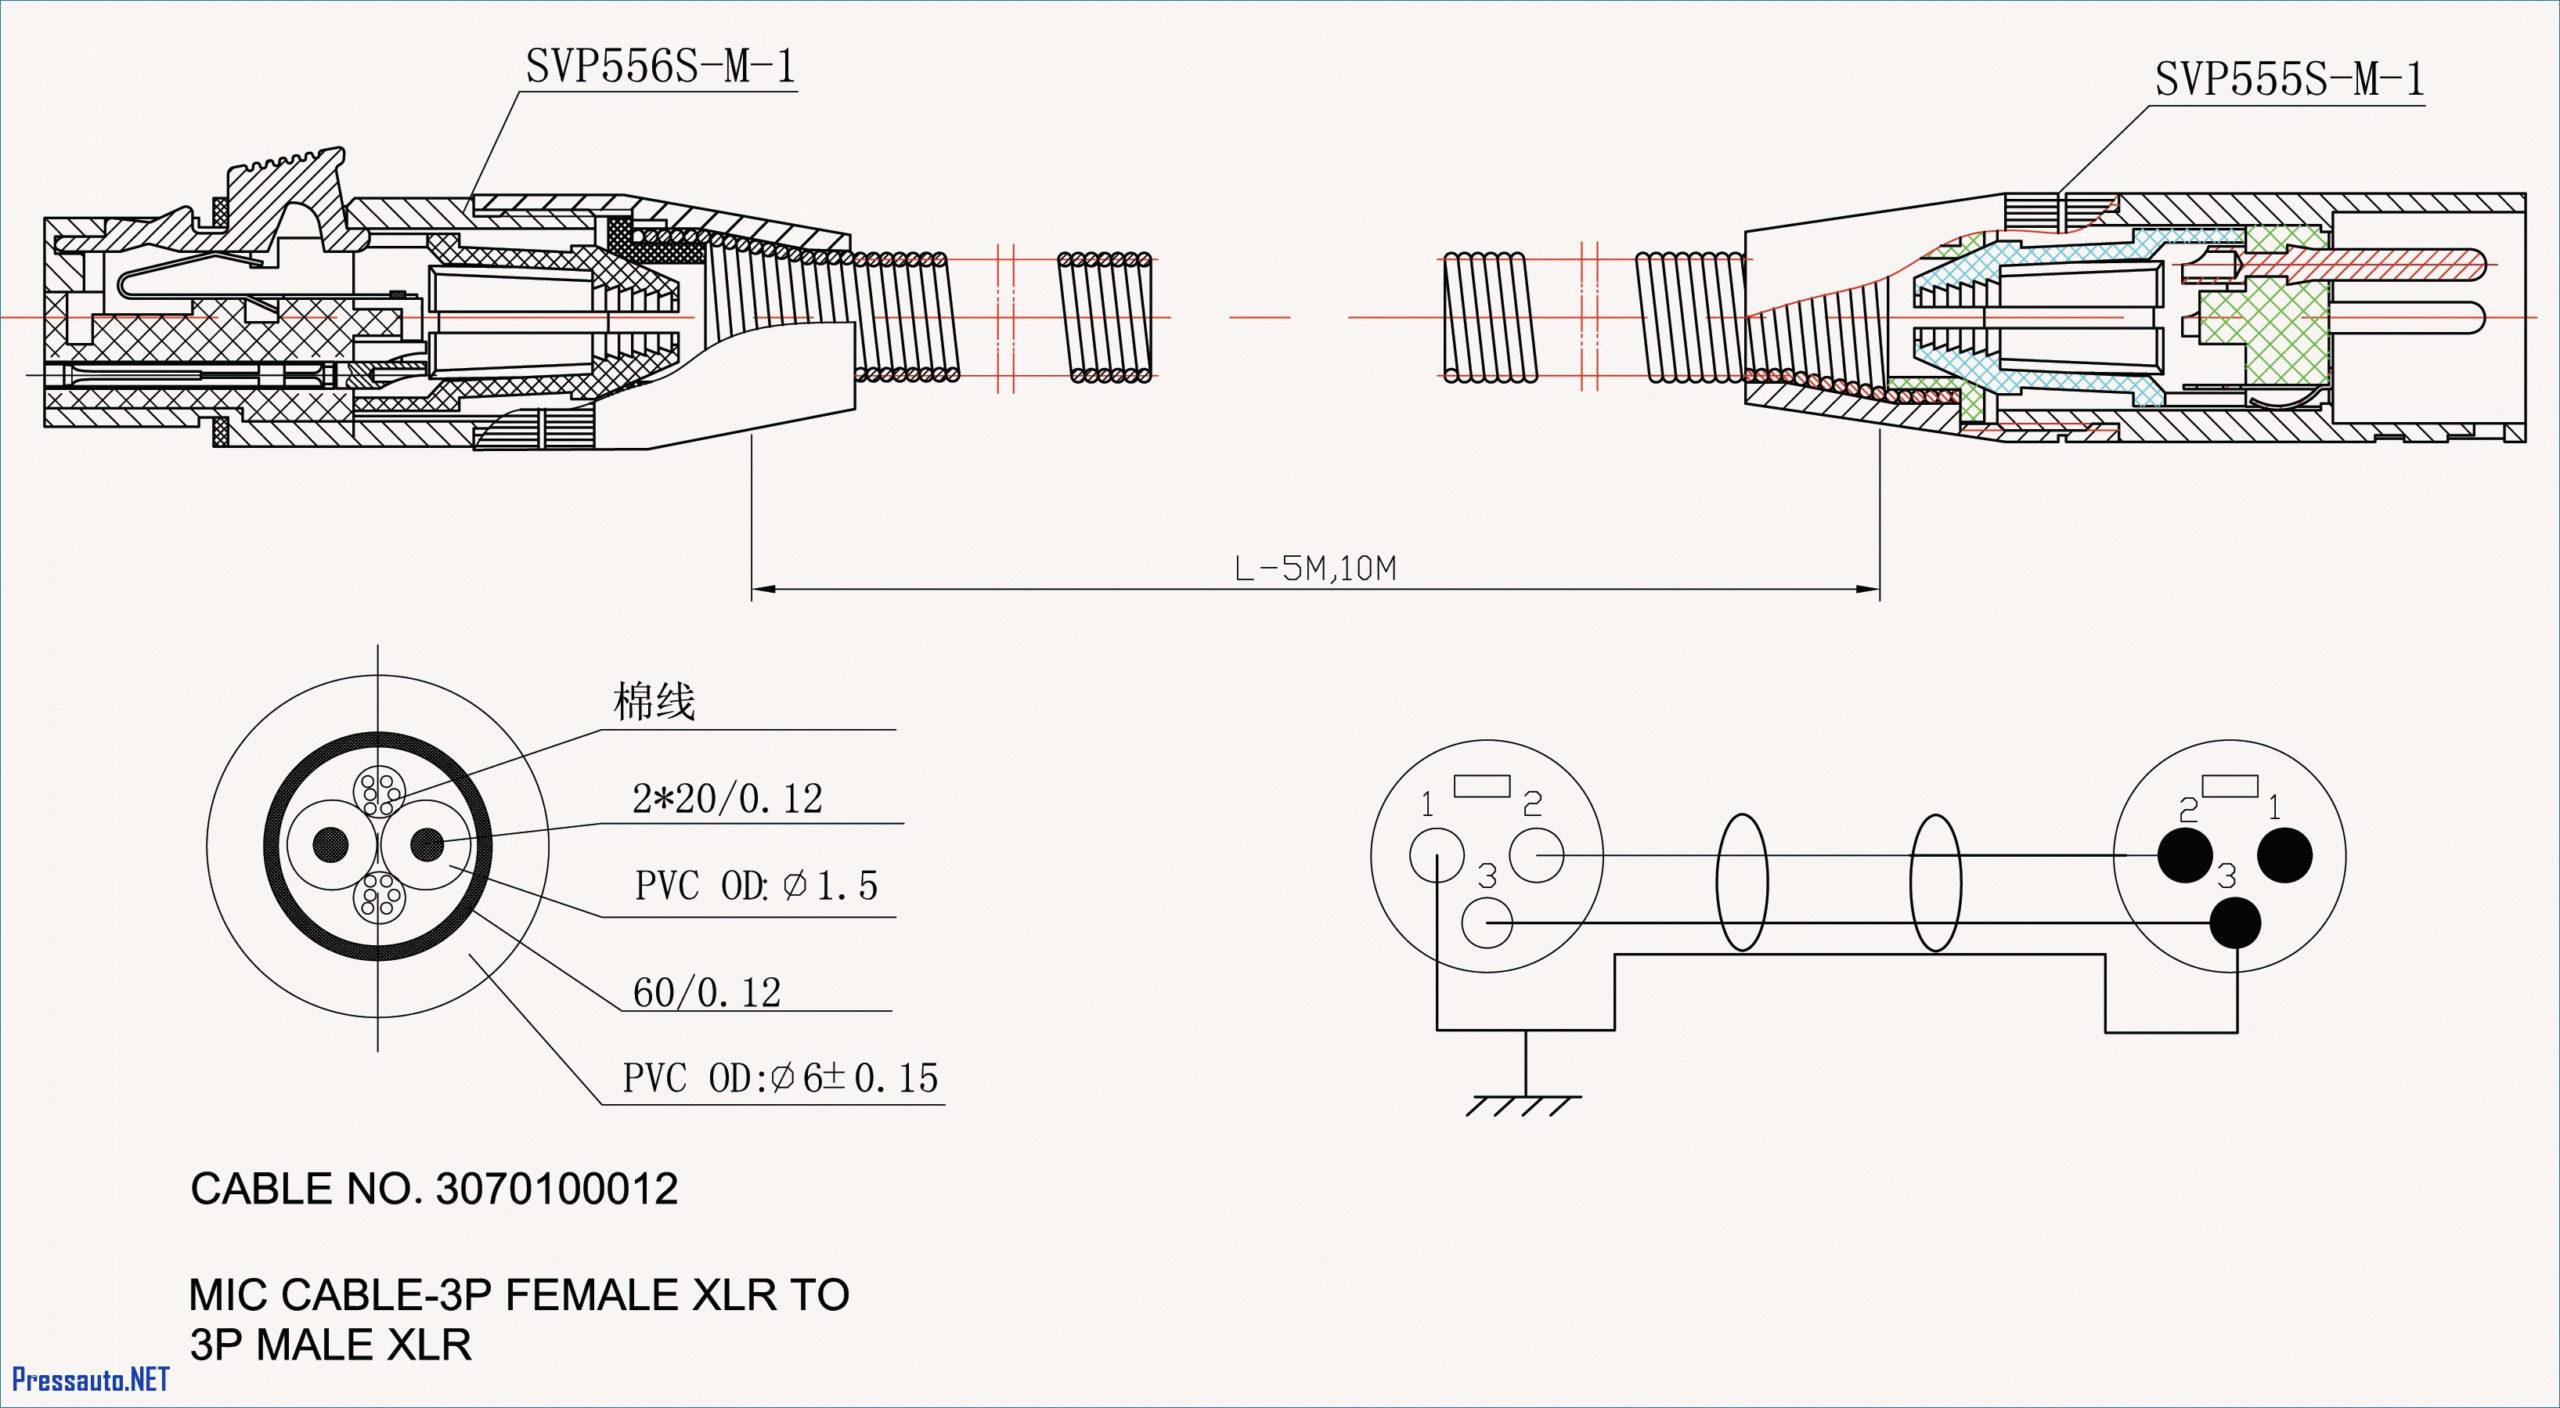 2001 Ford F150 Trailer Wiring Diagram